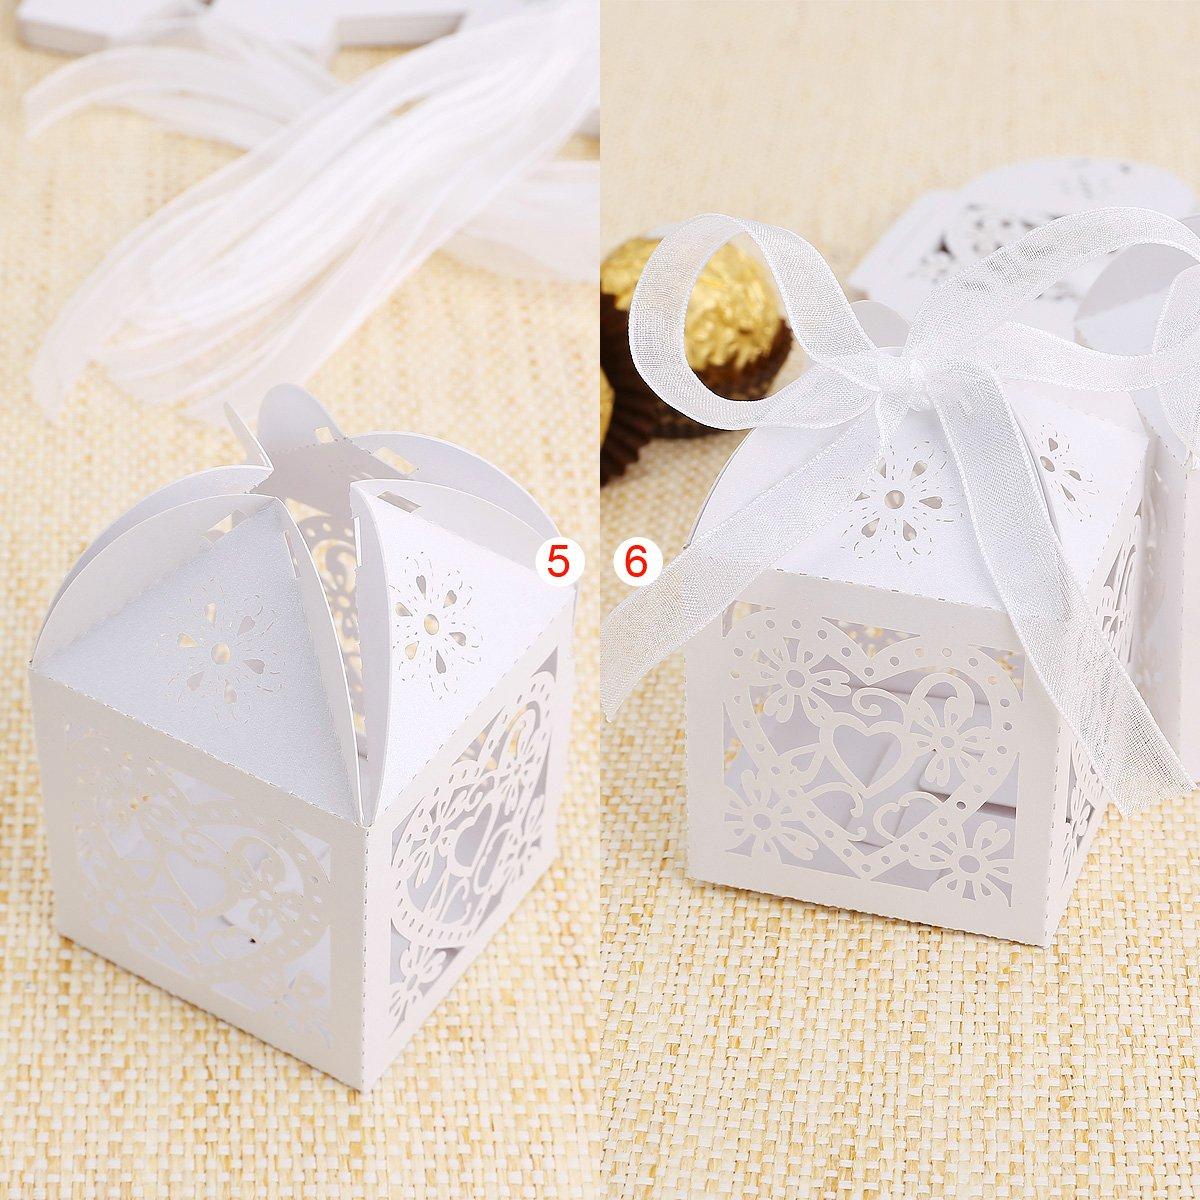 25pcs boite a dragees bonbons coeur oiseaux blanc pour mariage wt ebay. Black Bedroom Furniture Sets. Home Design Ideas